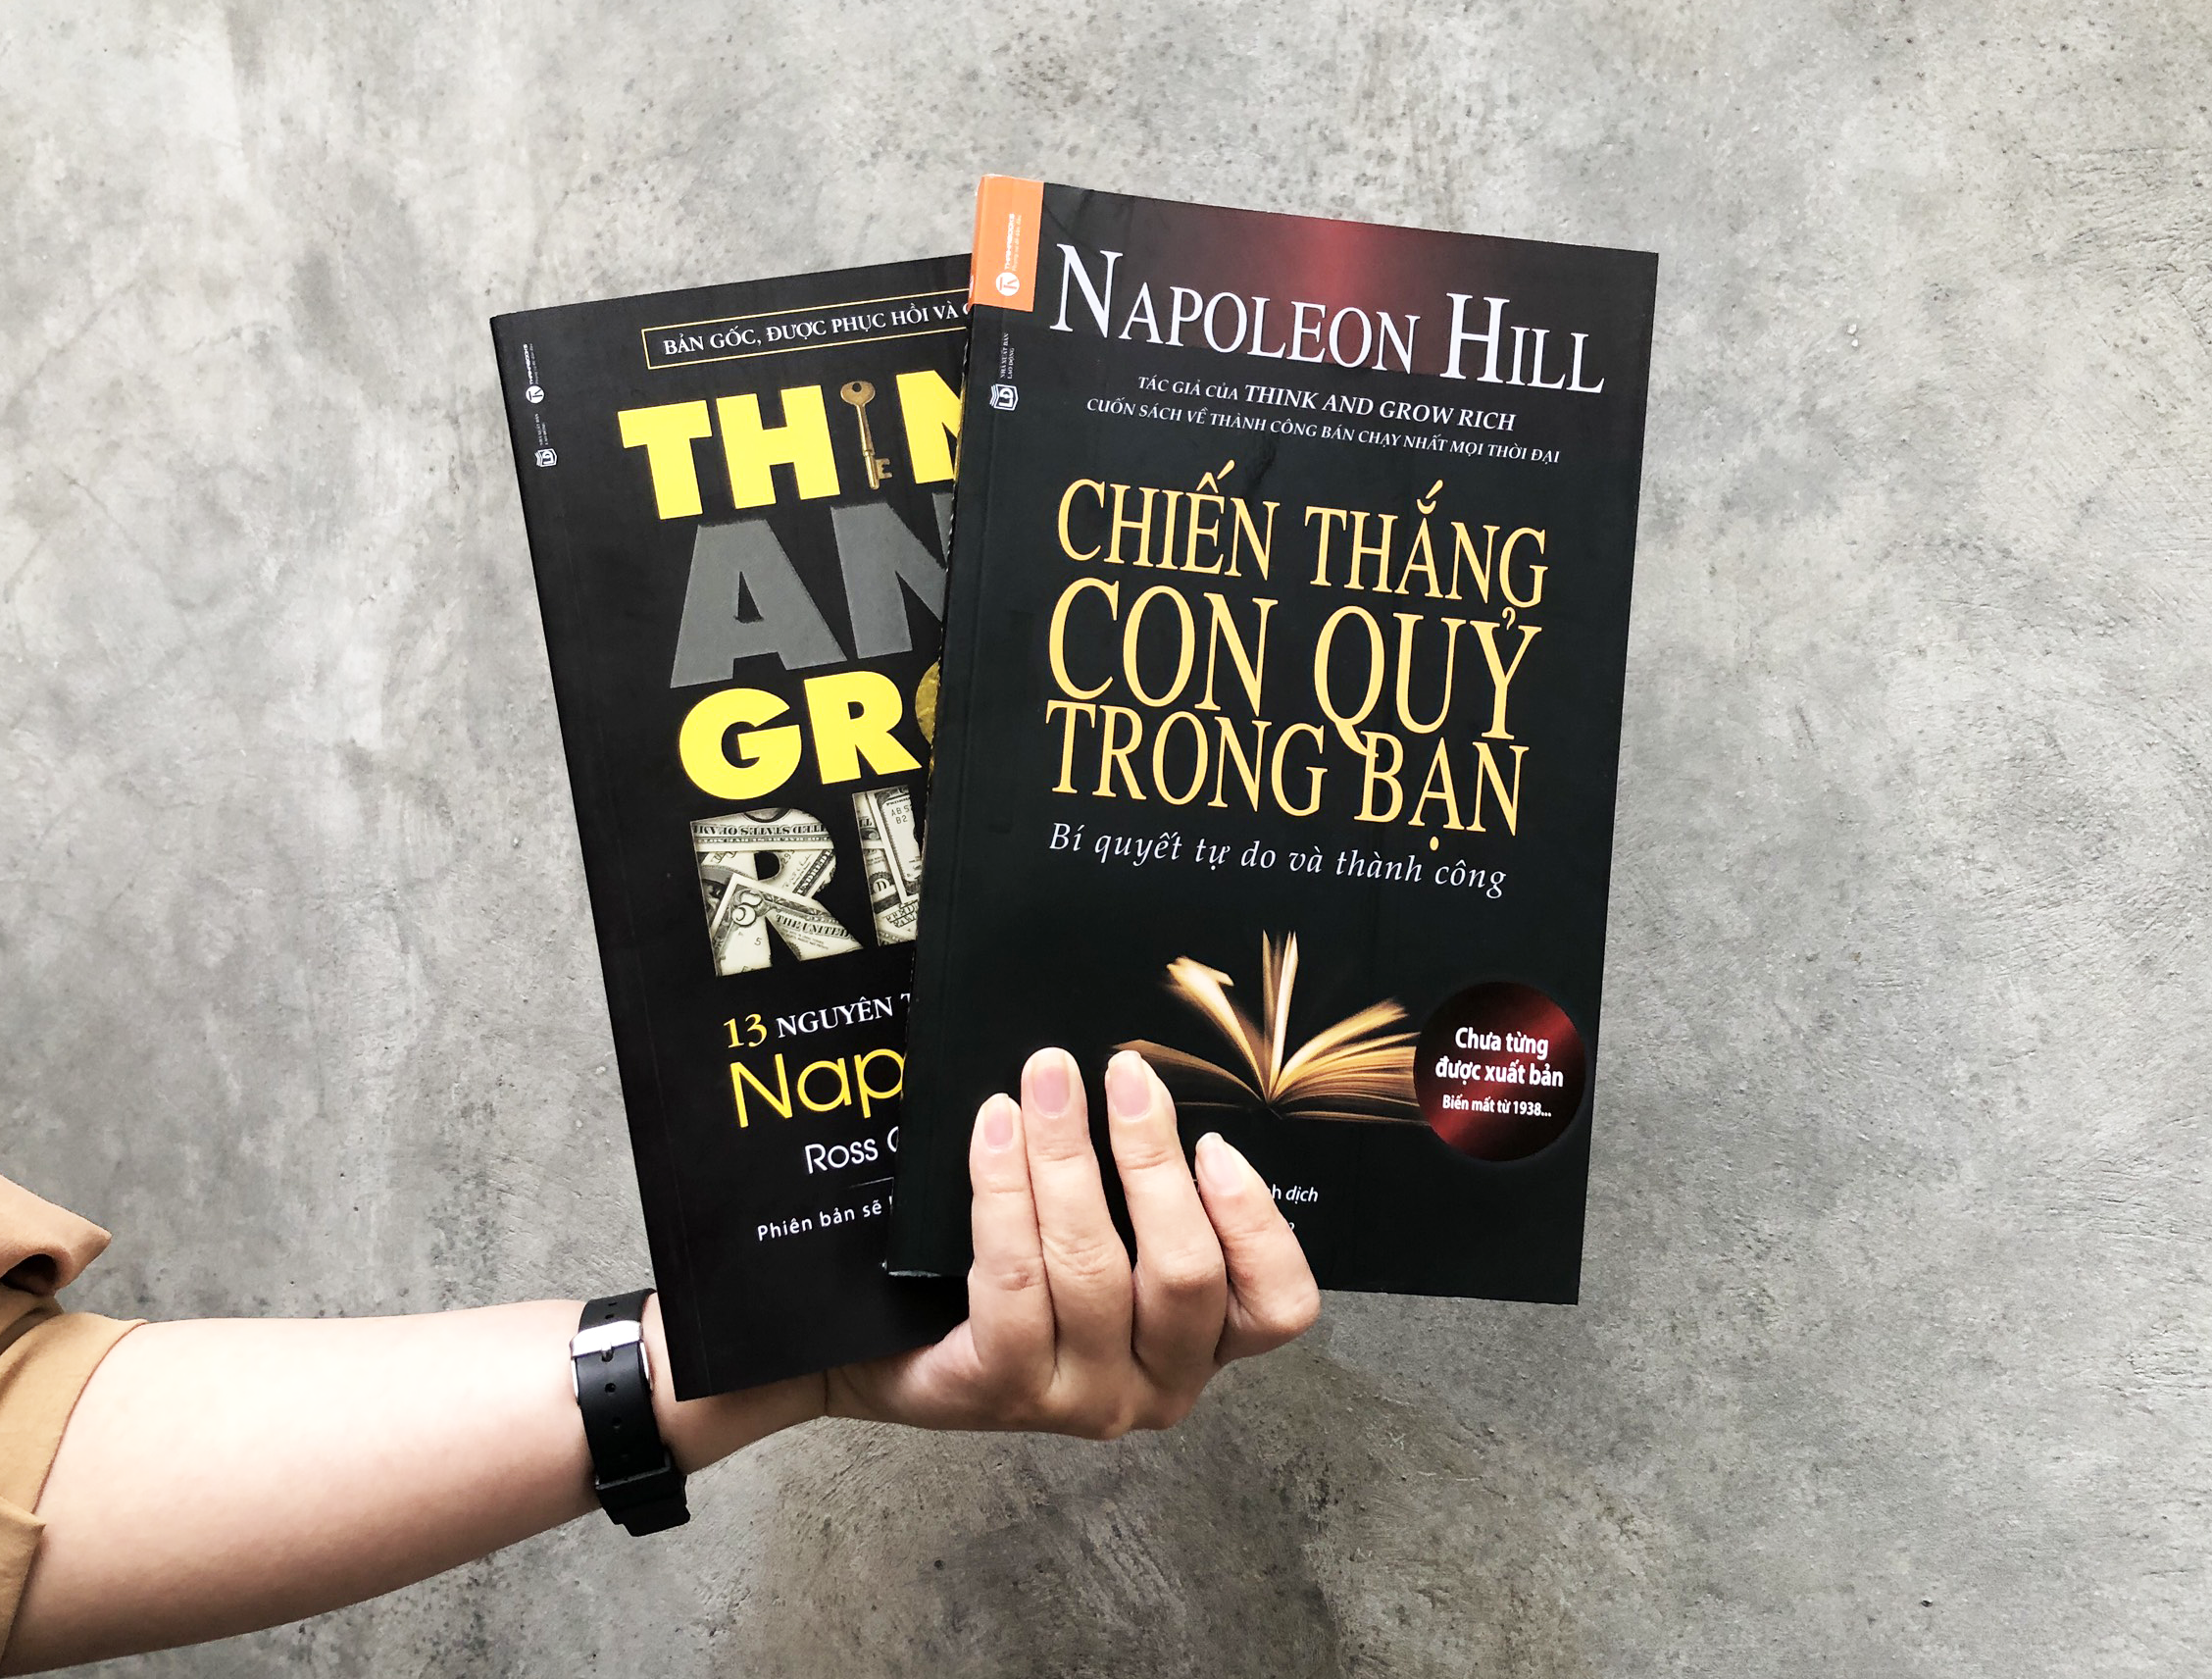 5 cuốn sách phát triển bản thân bán chạy nhất của ThaiHaBooks